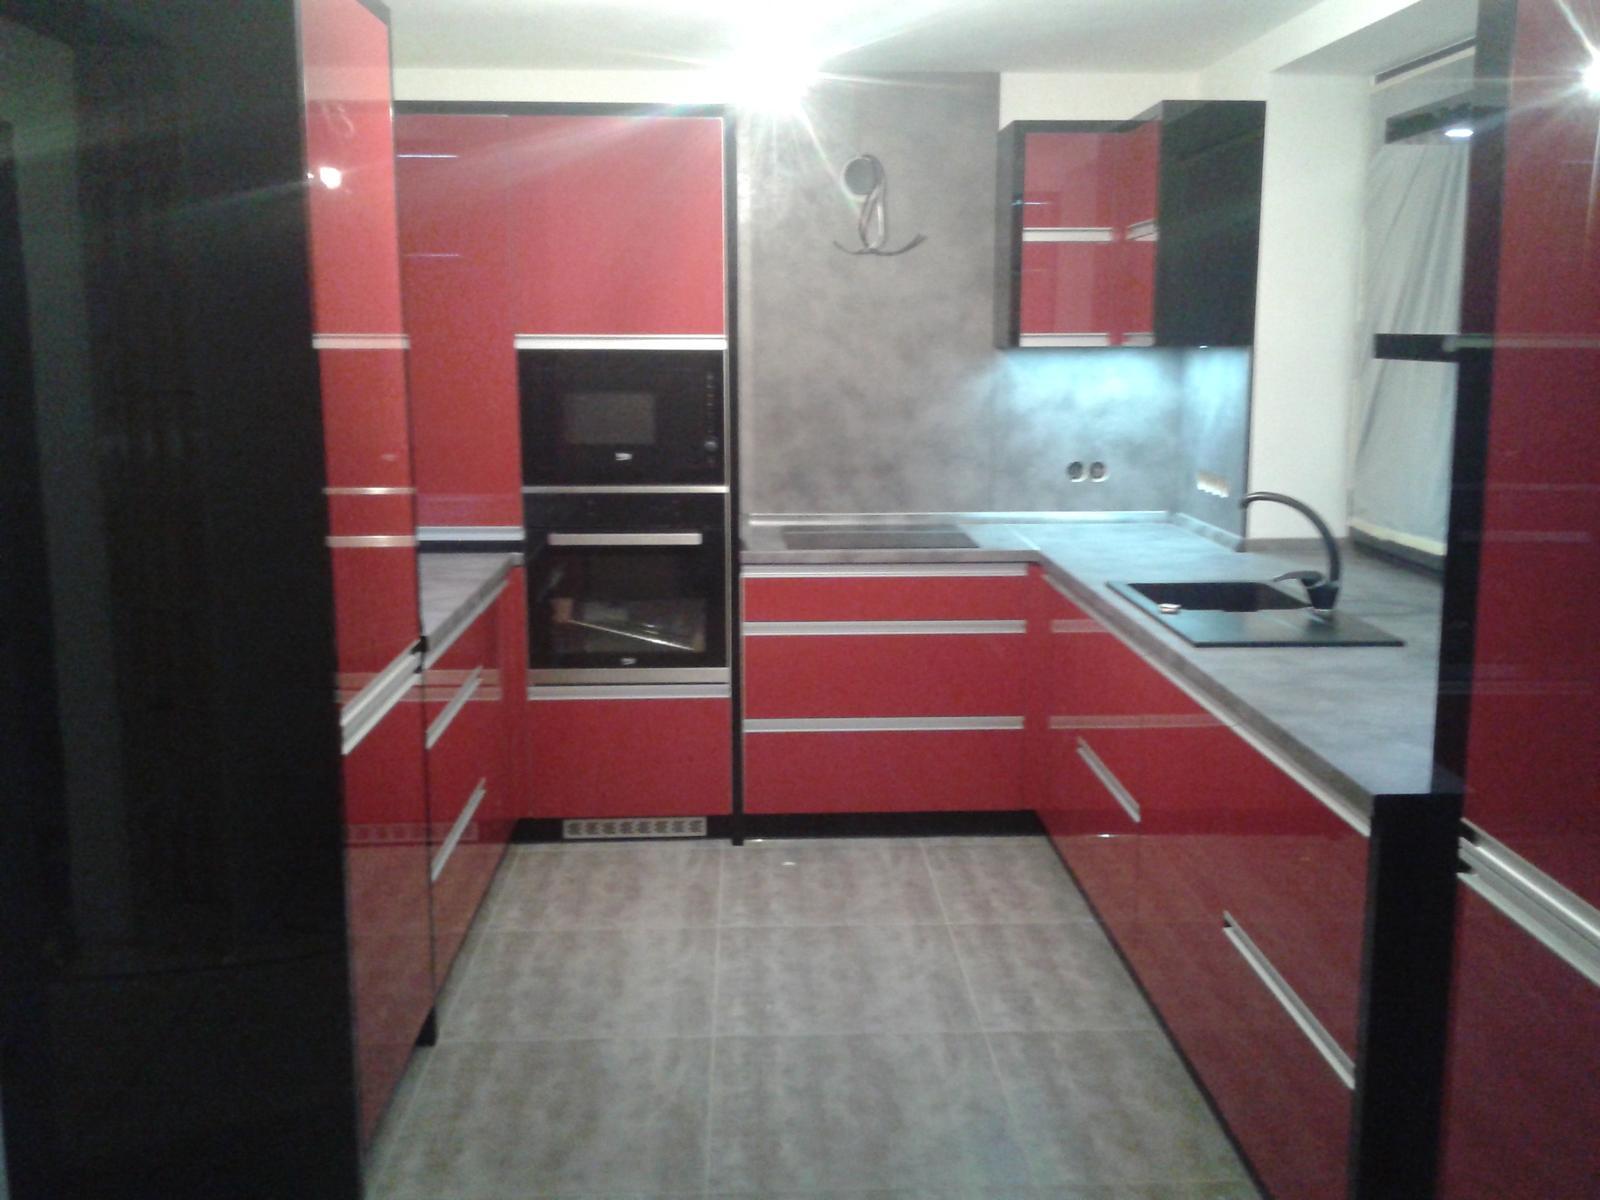 Naš domček 17.6.2013 - Moja vysnivana kuchynka